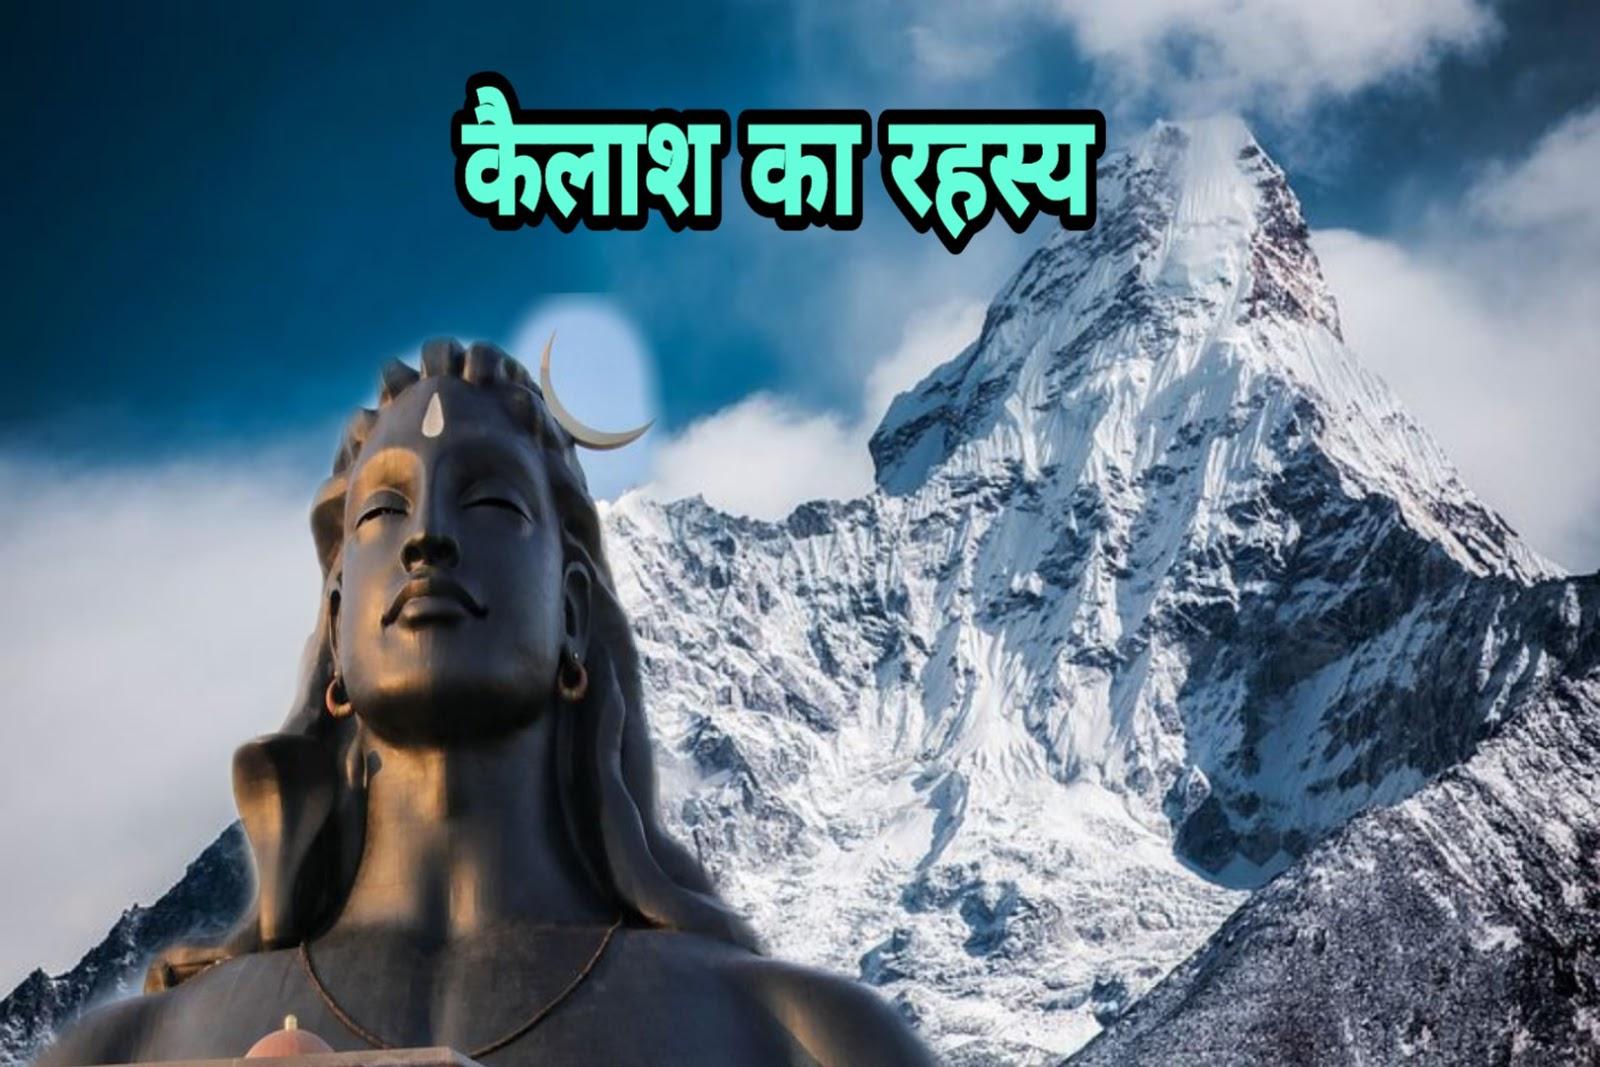 क्यों आज तक कोई भी पर्वतारोह कैलाश पर नहीं चढ़ पाया? - Why no one has climbed on Kailash Mountain in Hindi